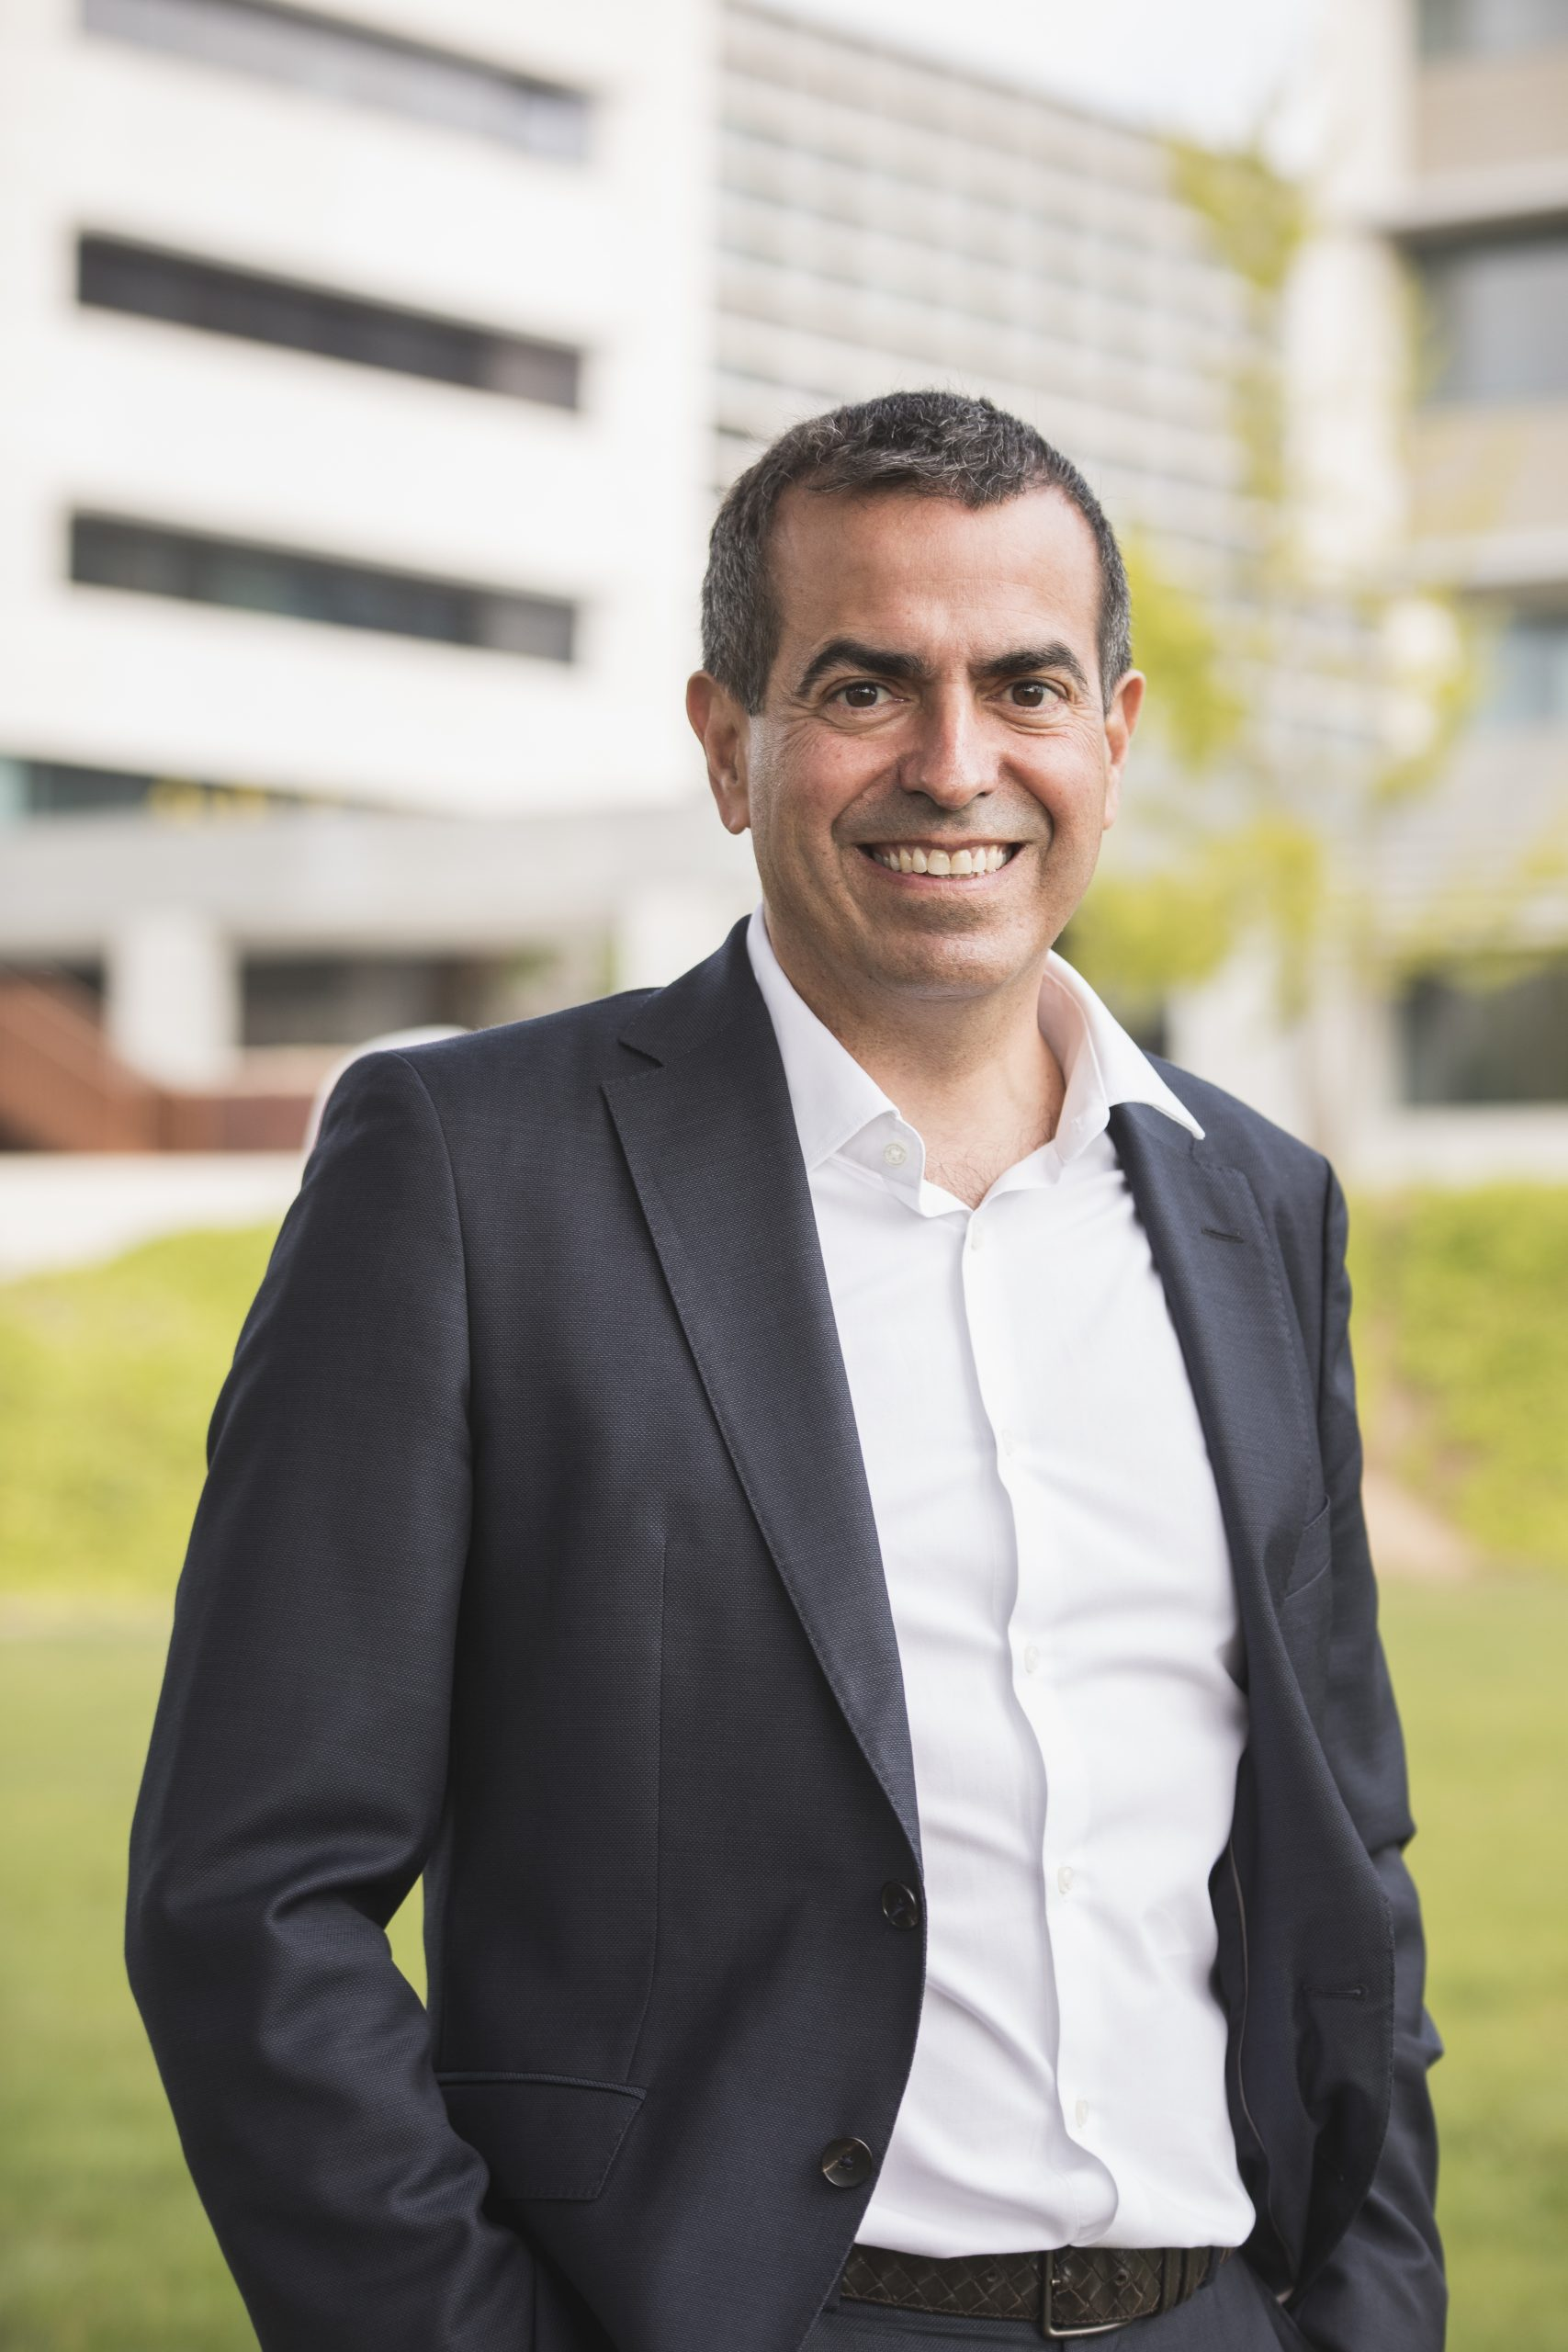 Jordi Gallés, CEO de Europastry, nombrado Presidente del Consejo Asesor de Food 4 Future – Expo Foodtech